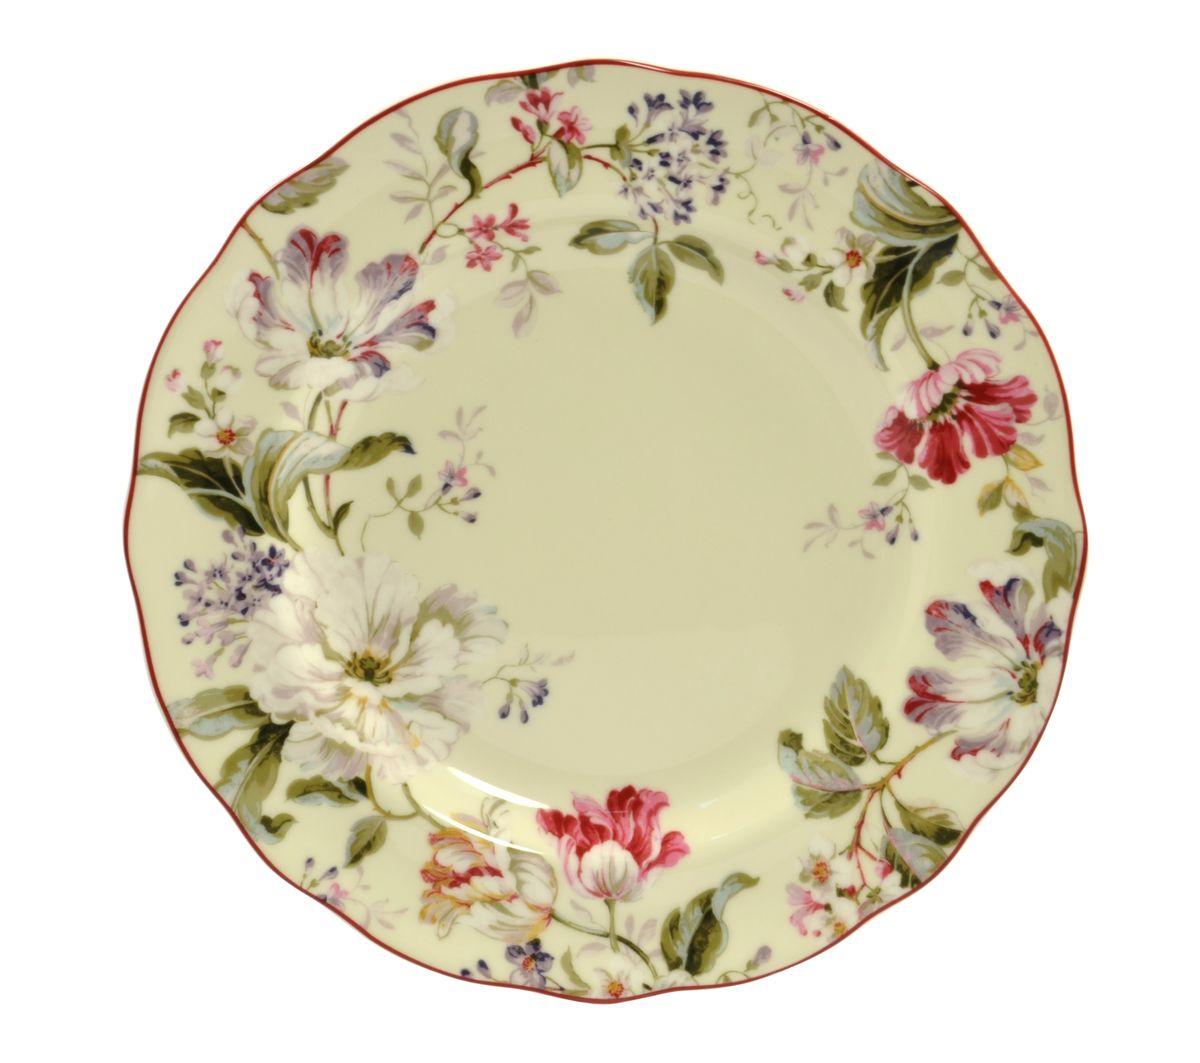 Тарелка обеденная Utana Жизела, диаметр 27,5 смUTGC97110Тарелка обеденная Utana Жизела, изготовленная из высококачественной керамики, предназначена для красивой подачи различных блюд. Изделие декорировано ярким цветочным рисунком. Такая тарелка украсит сервировку стола и подчеркнет прекрасный вкус хозяйки. Можно мыть в посудомоечной машине и использовать в СВЧ. Диаметр: 27,5 см. Высота: 3 см.